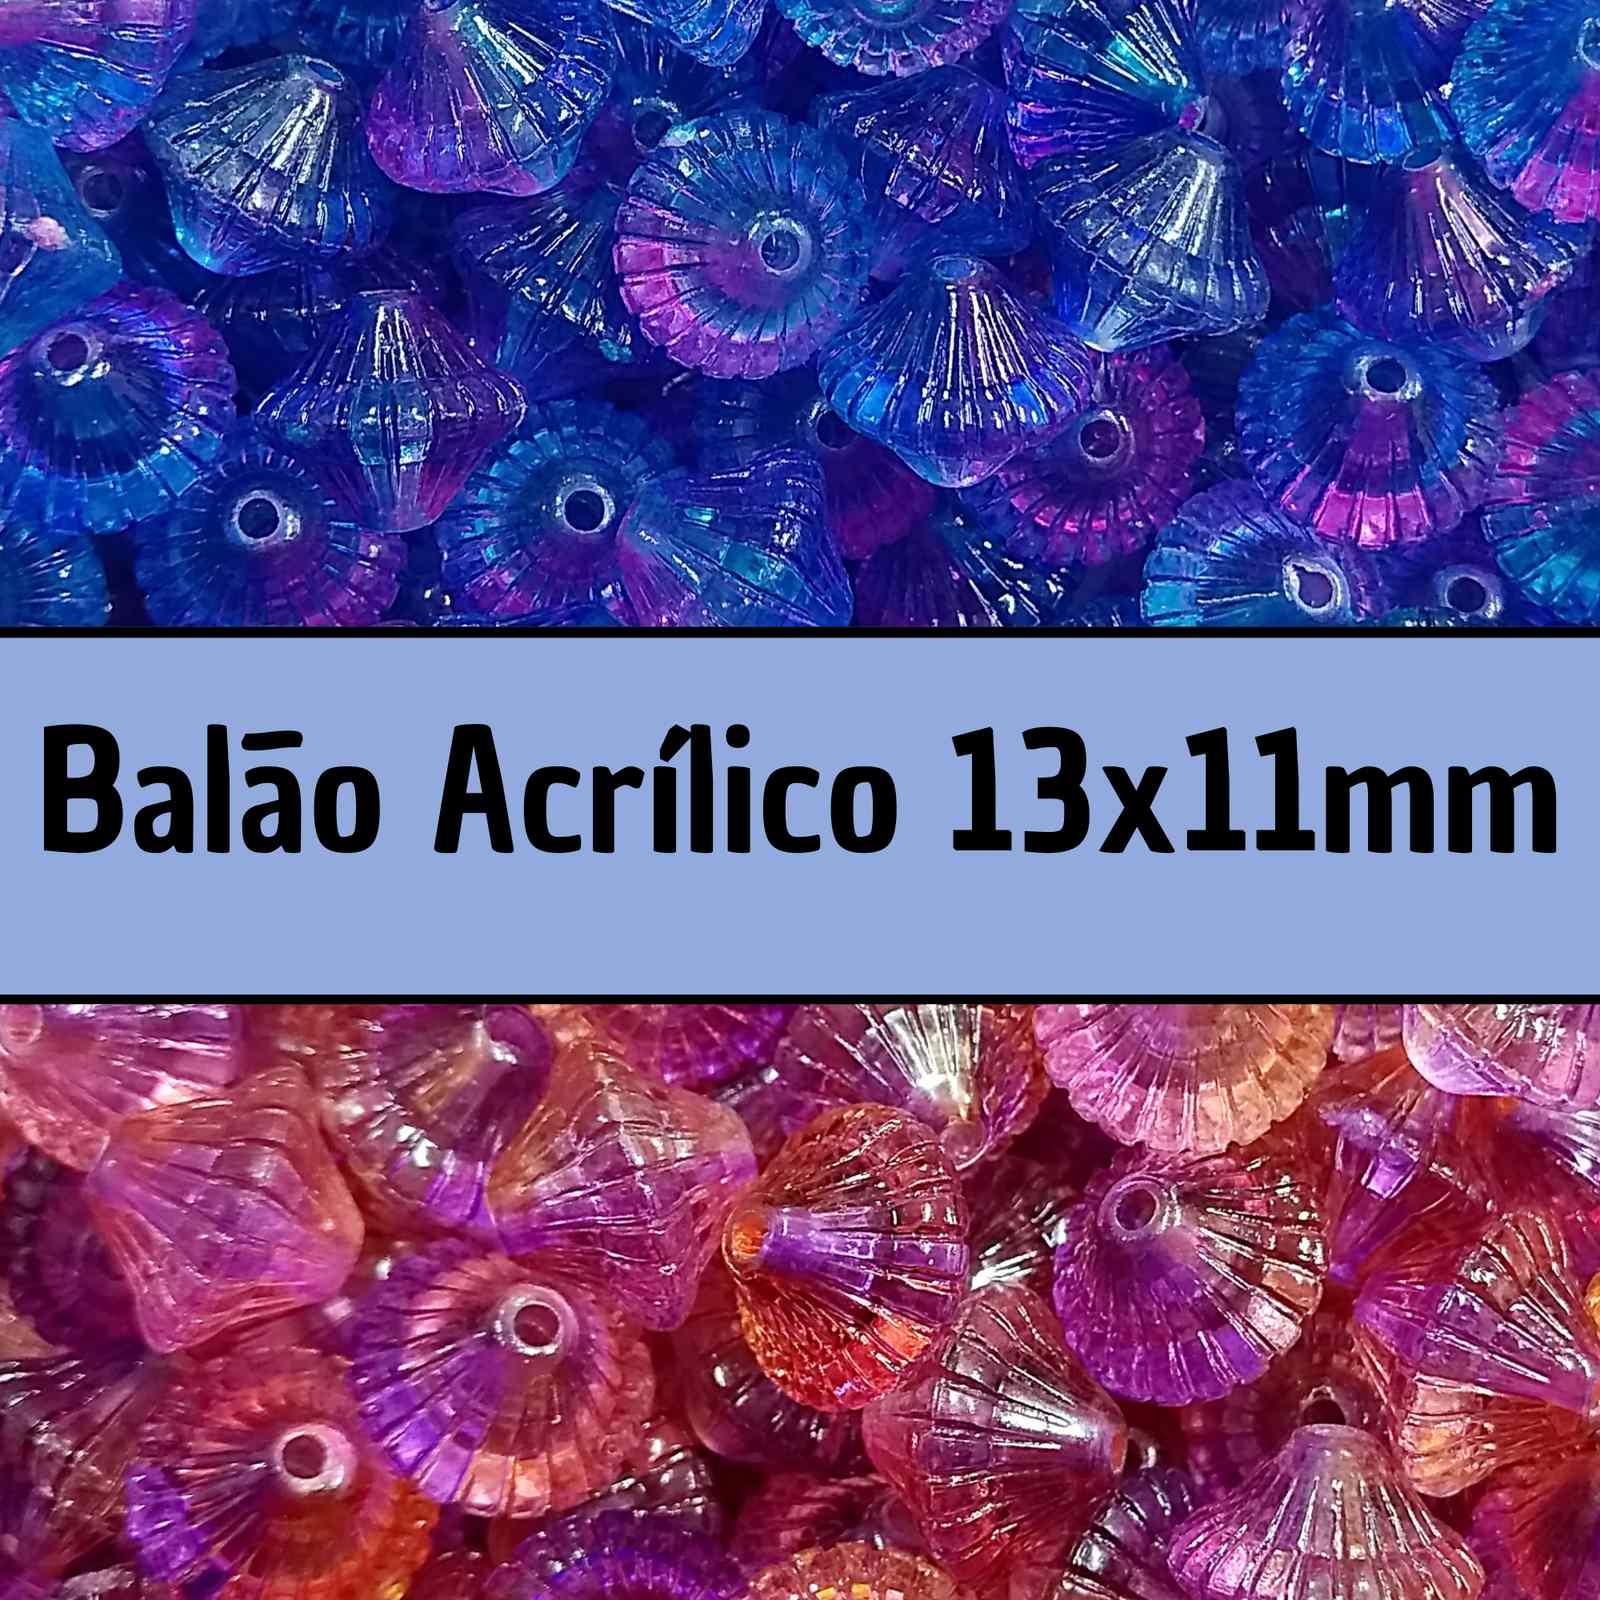 Balão Acrílico 13x11mm c/ 500g